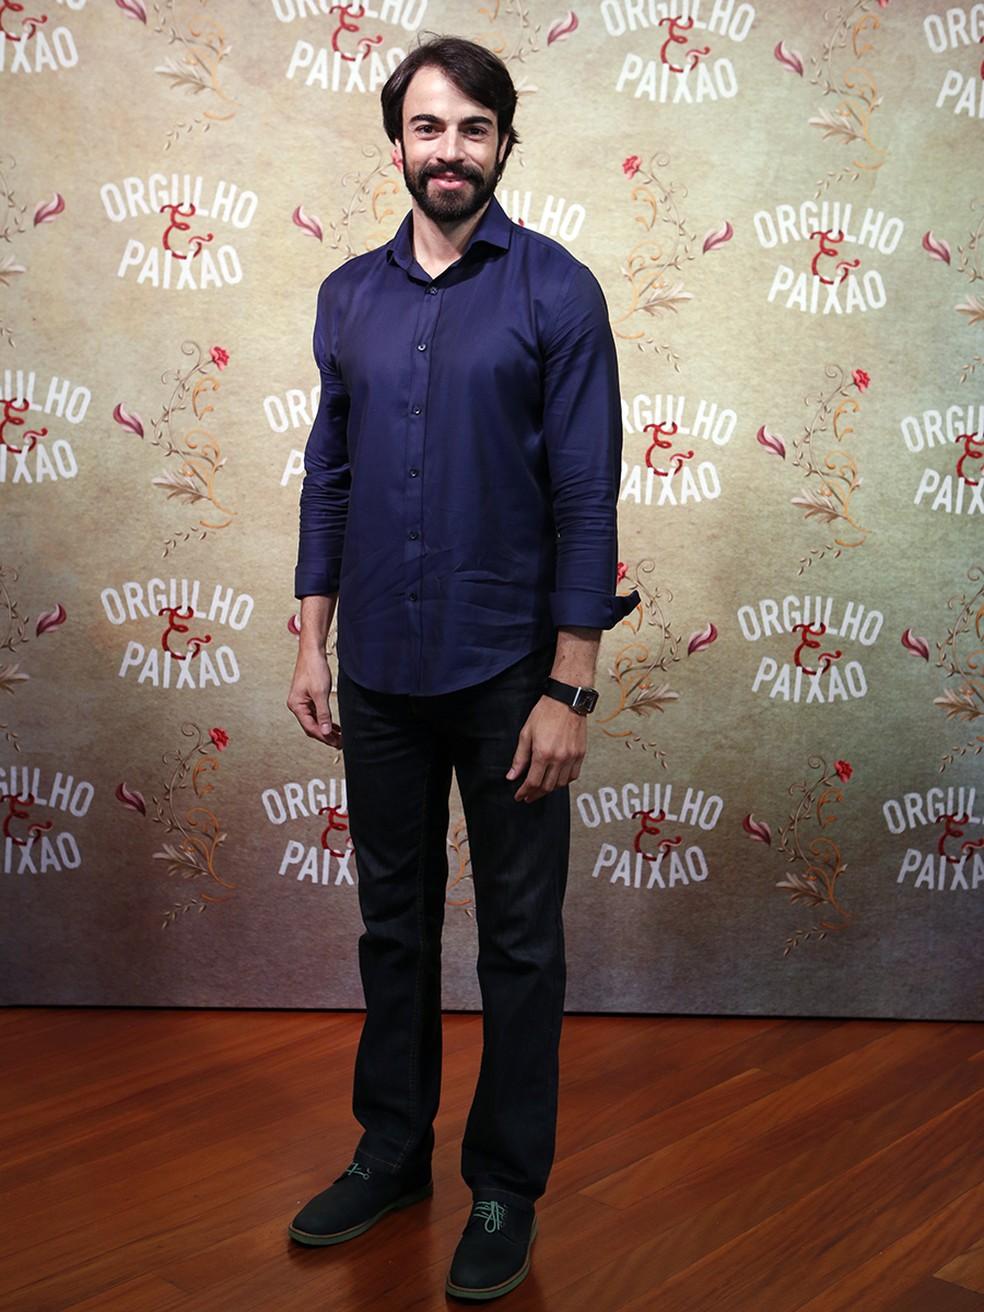 Discreto, Giordano Becheleni vai de camisa e calça escuras (Foto: Fábio Rocha/Gshow)